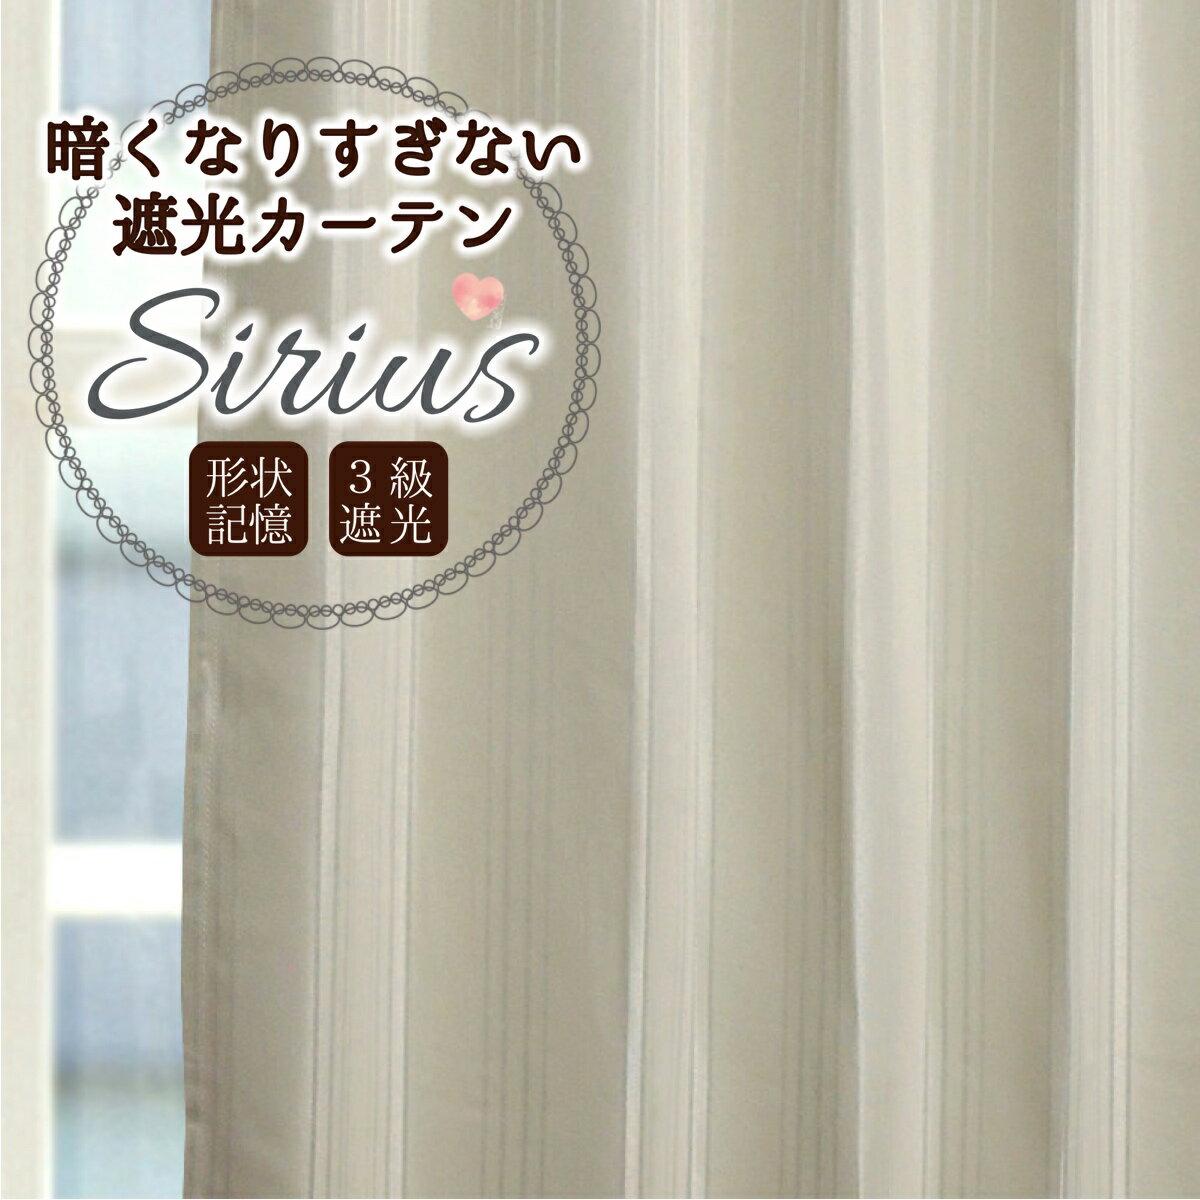 遮光カーテン ストライプ 暗くなり過ぎない遮光カーテンお得サイズ(2枚組)シリウス